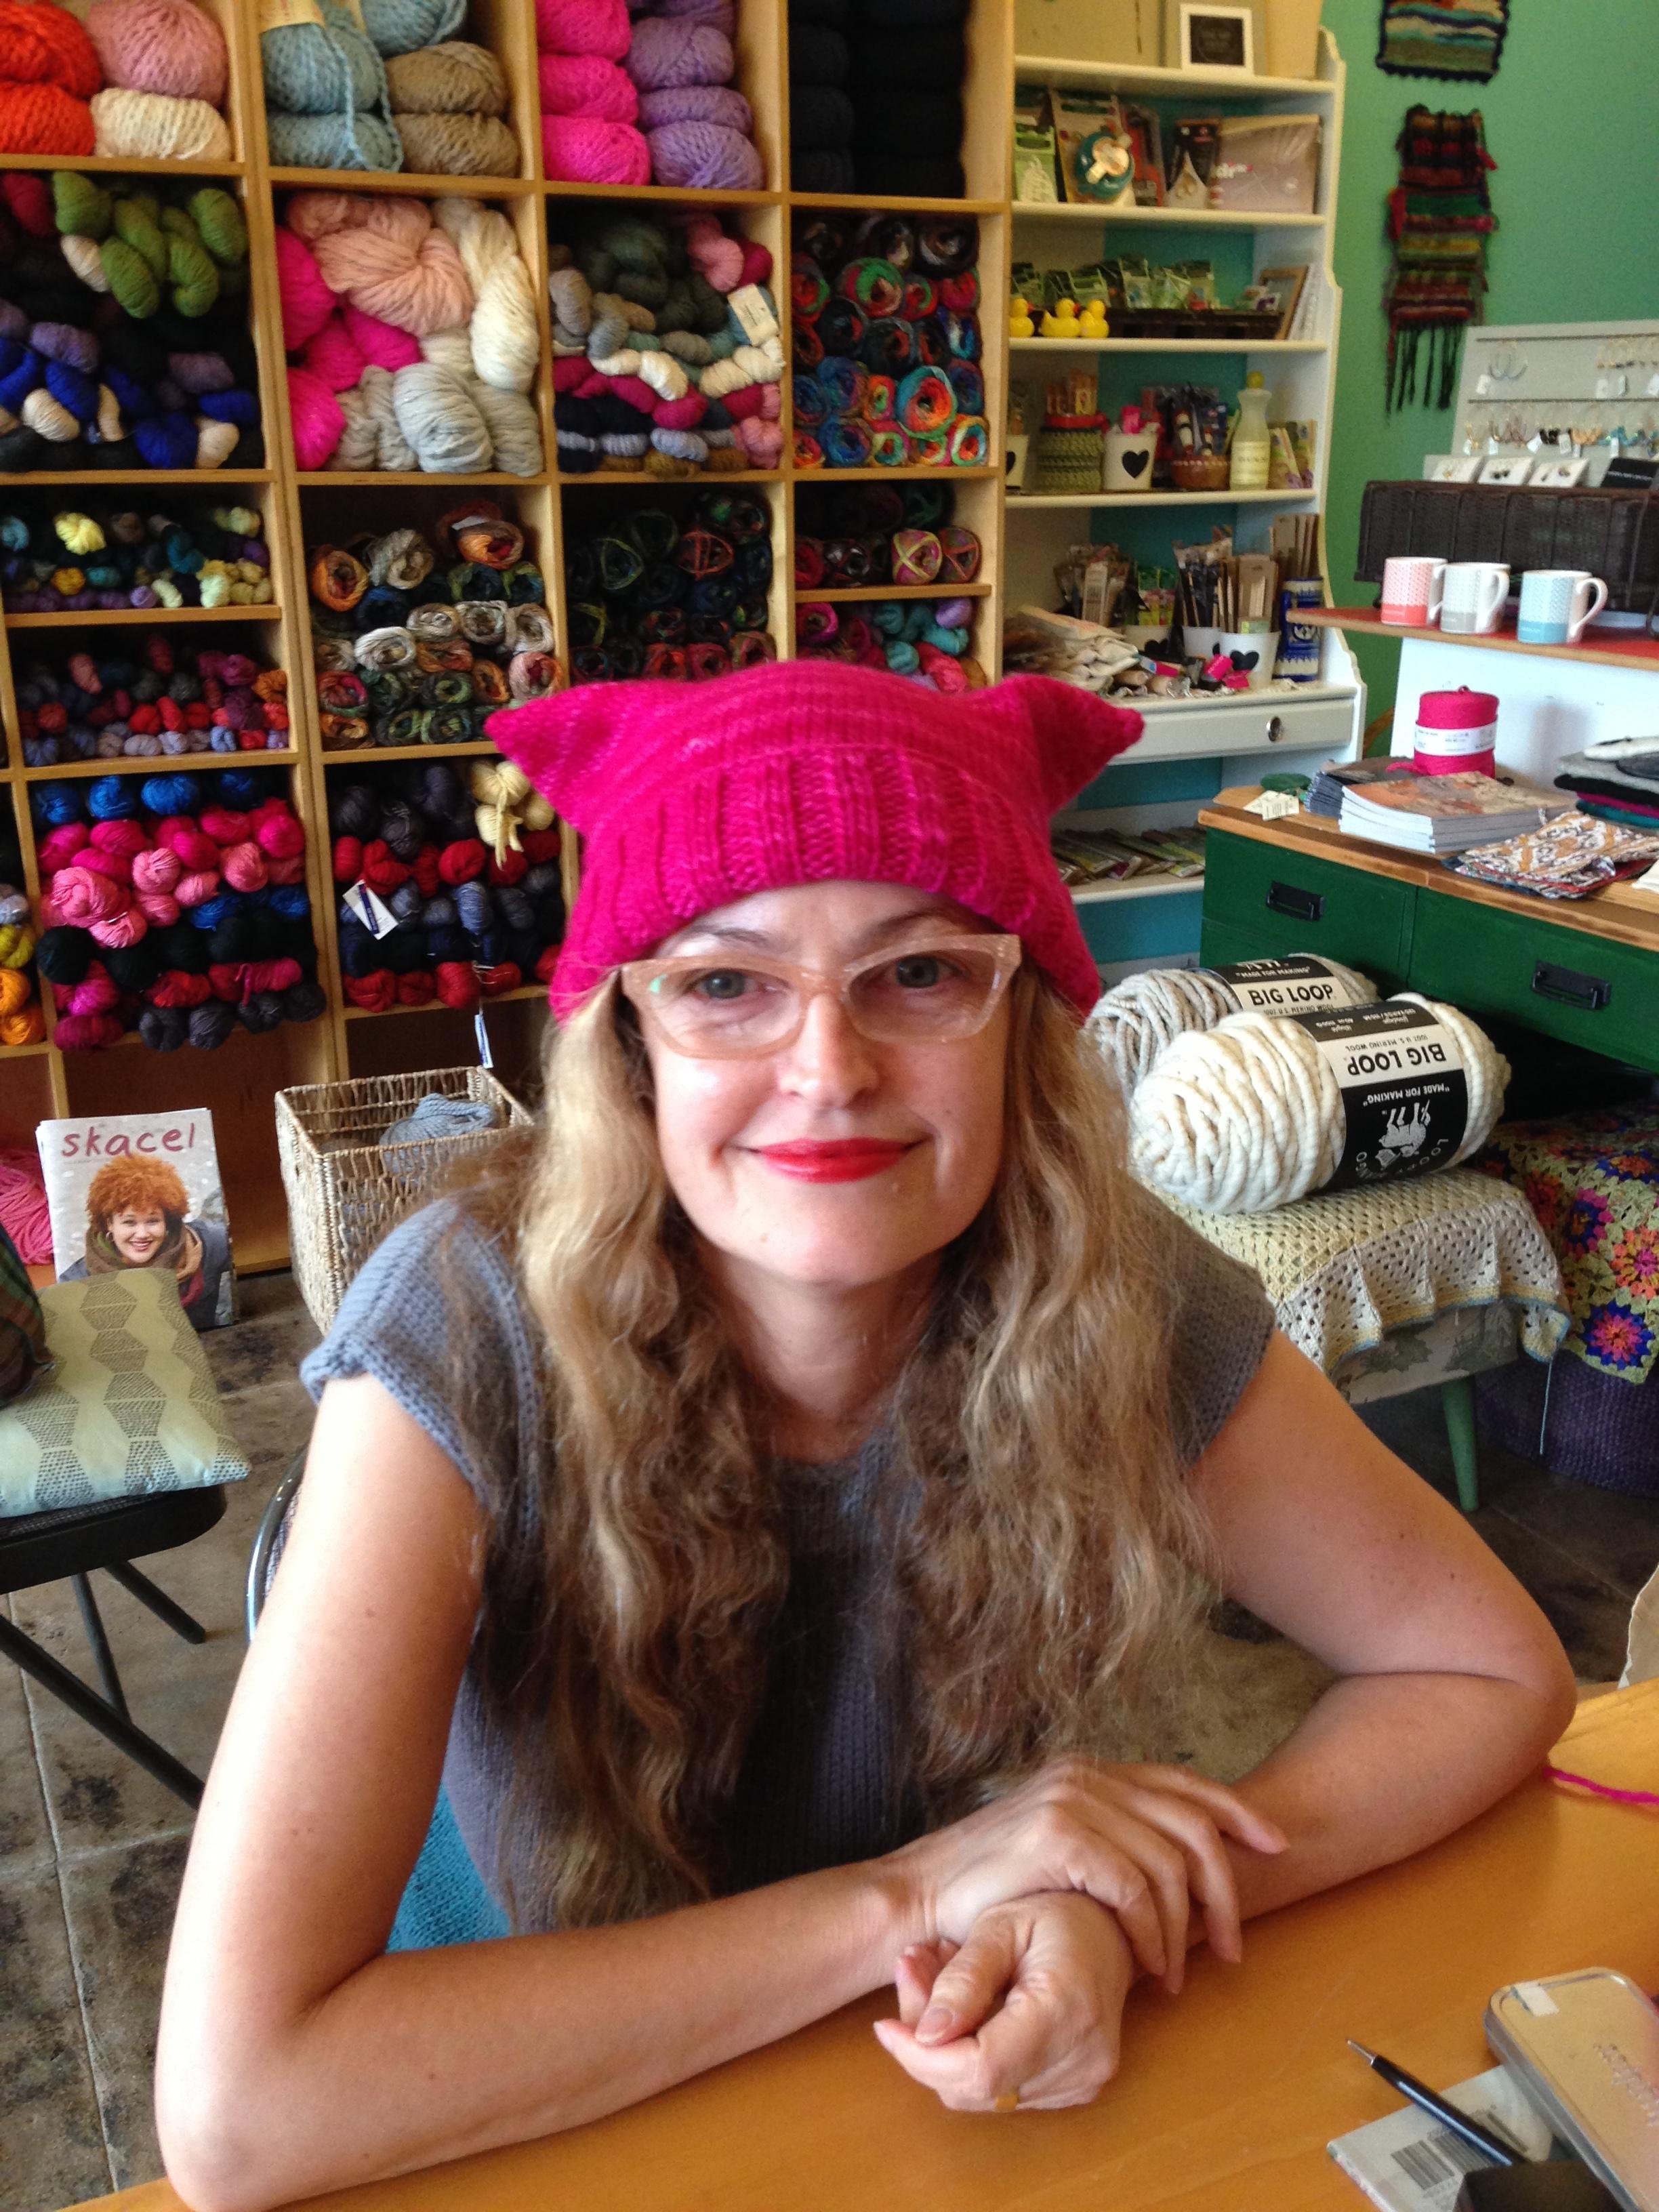 Kat wearing Pussyhat.jpeg